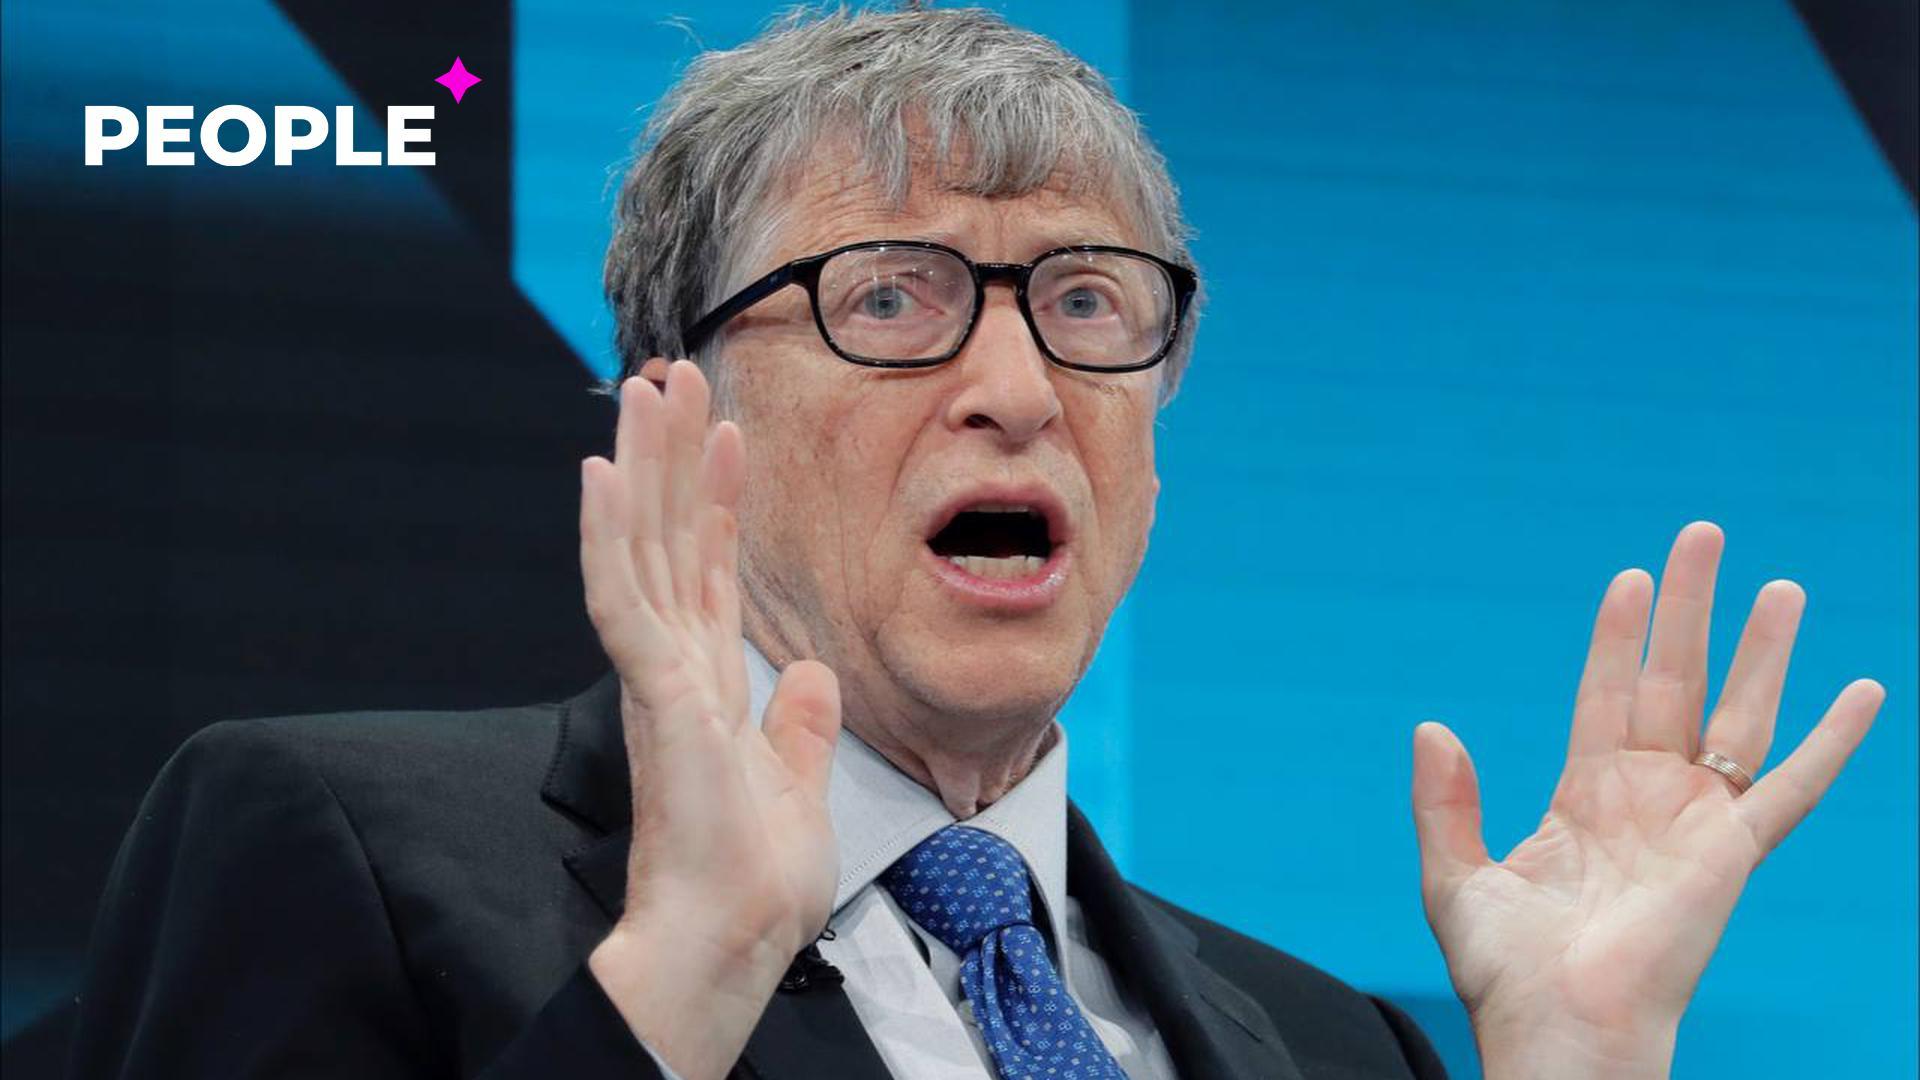 Билл Гейтс лишился поста директора в Microsoft из-за интрижки с сотрудницей